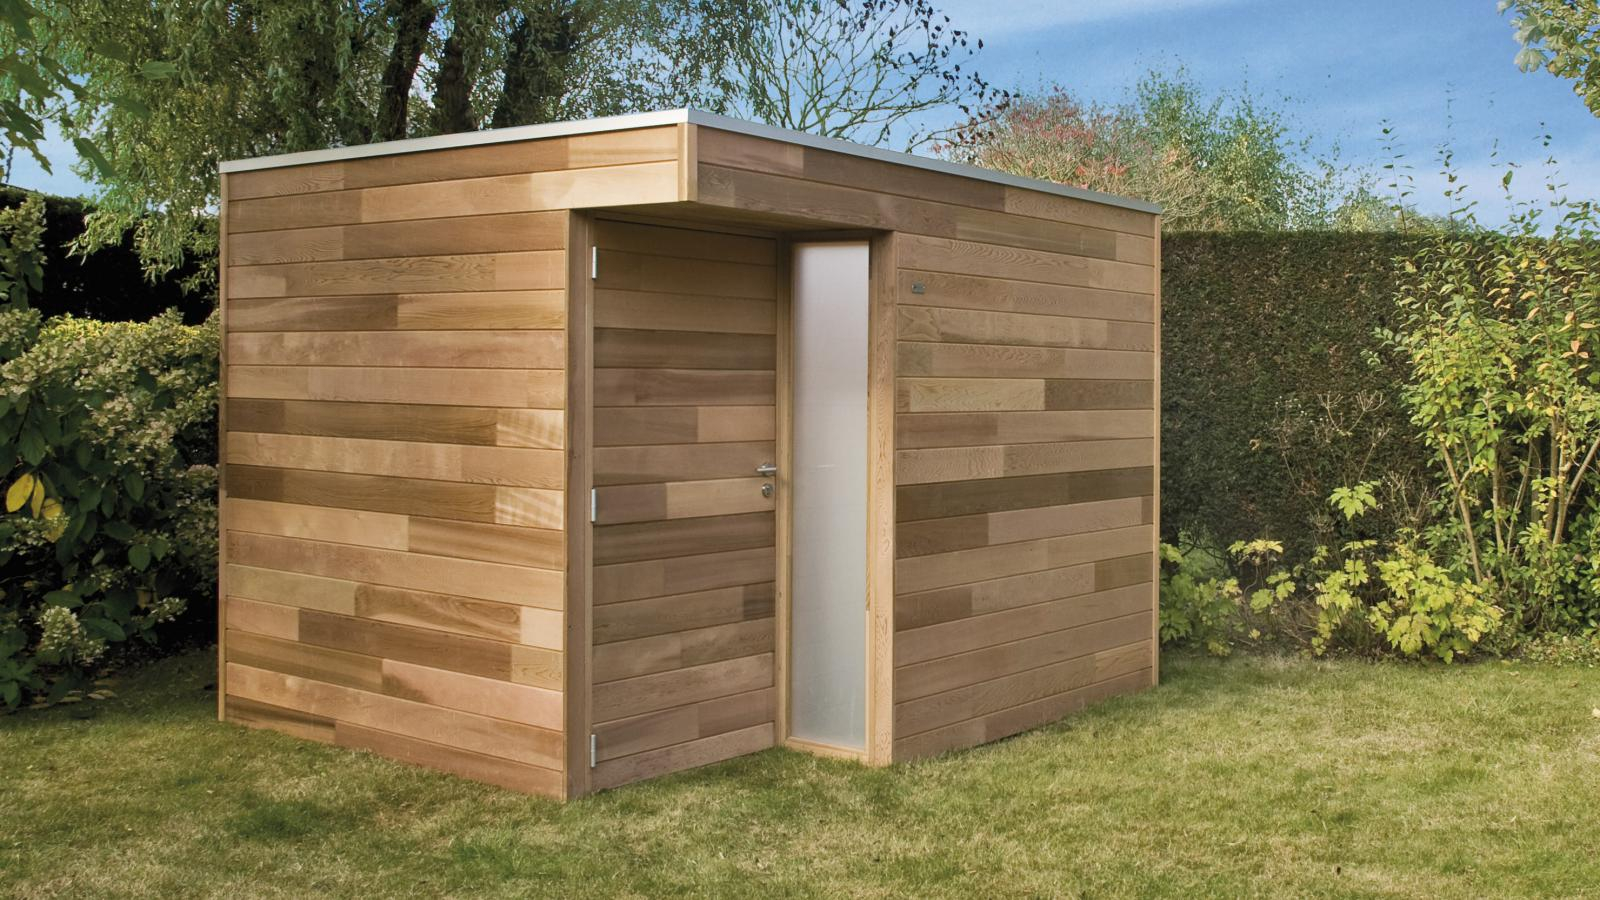 Abri exterieur bois Cabanes abri jardin